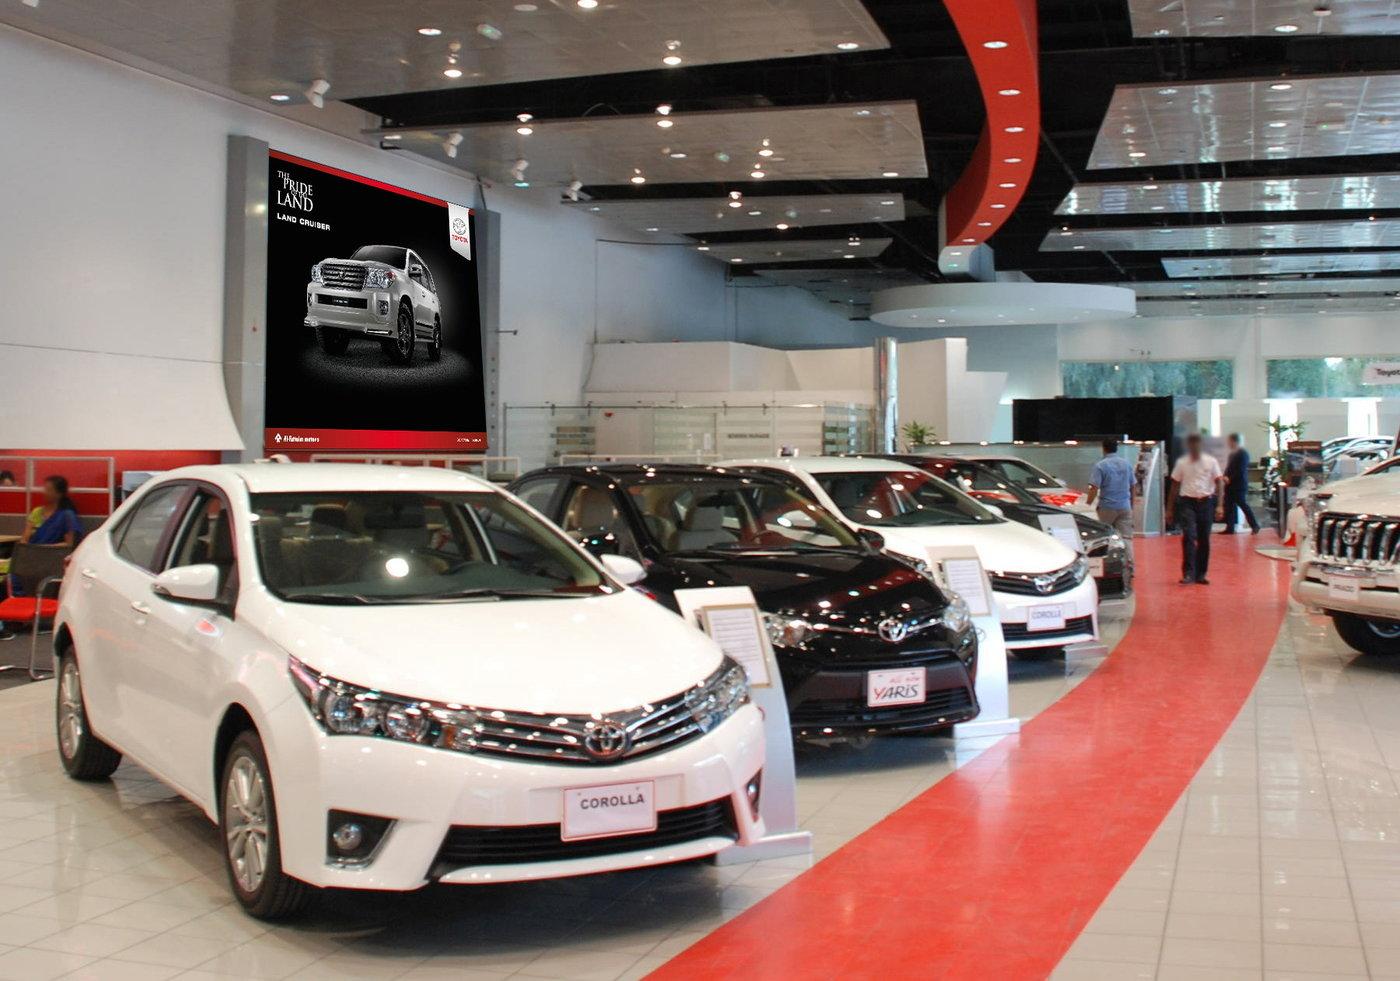 Kelebihan Kekurangan Showroom Toyota Top Model Tahun Ini